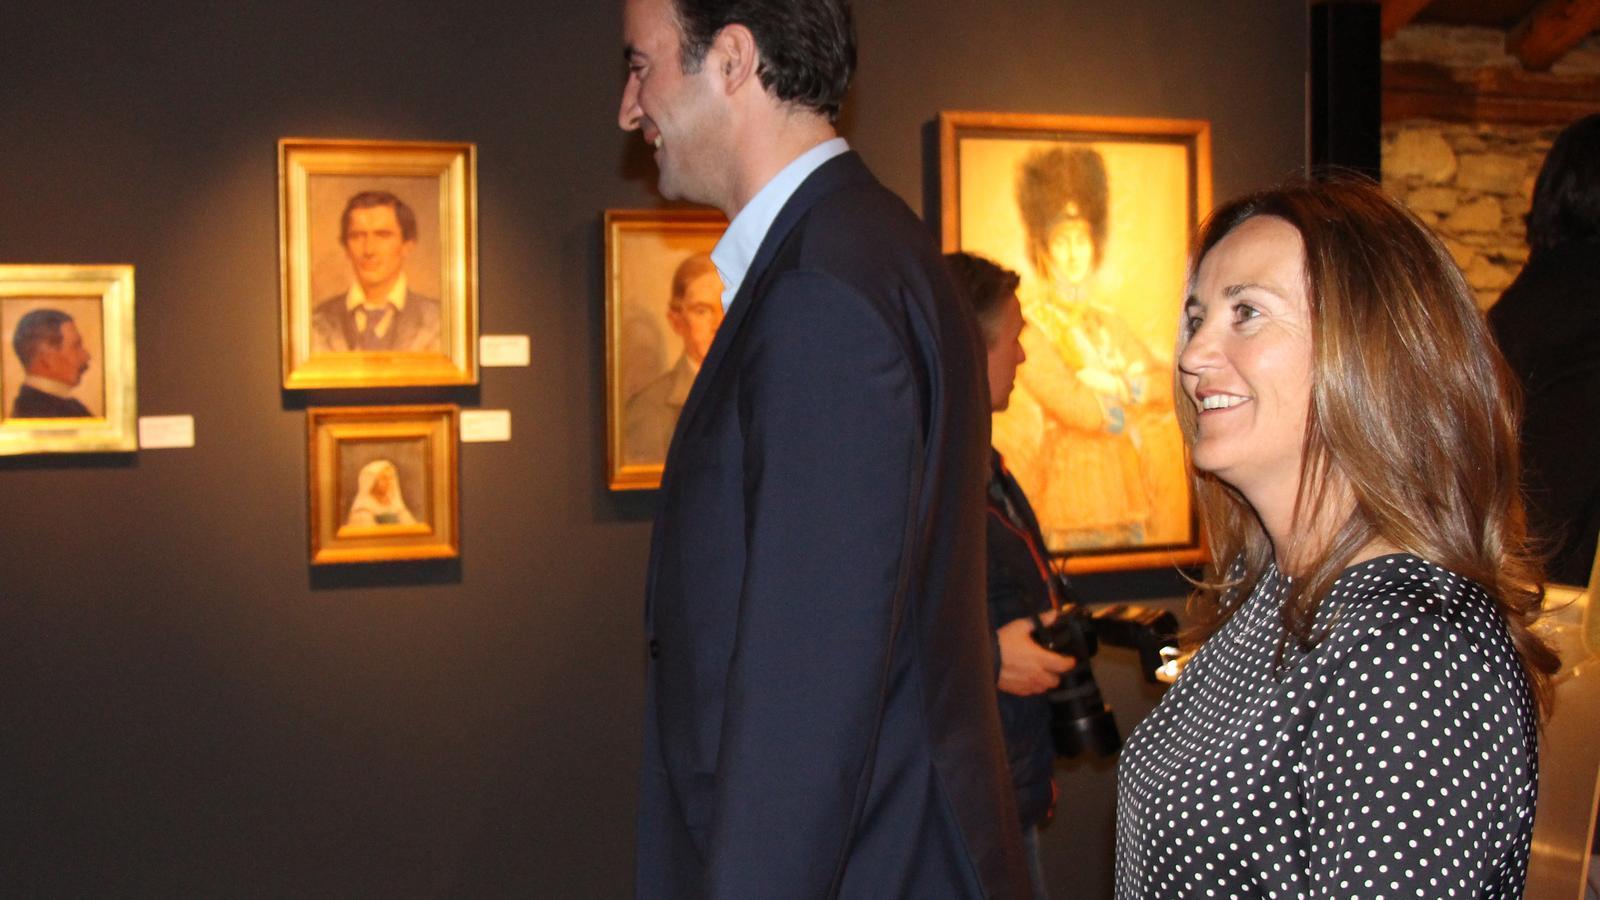 Olga Gelabert, ministre de Cultura, Joventut i Esports en funcions, acompanyada del cònsol de la Massana, David Baró. / M. R. F.